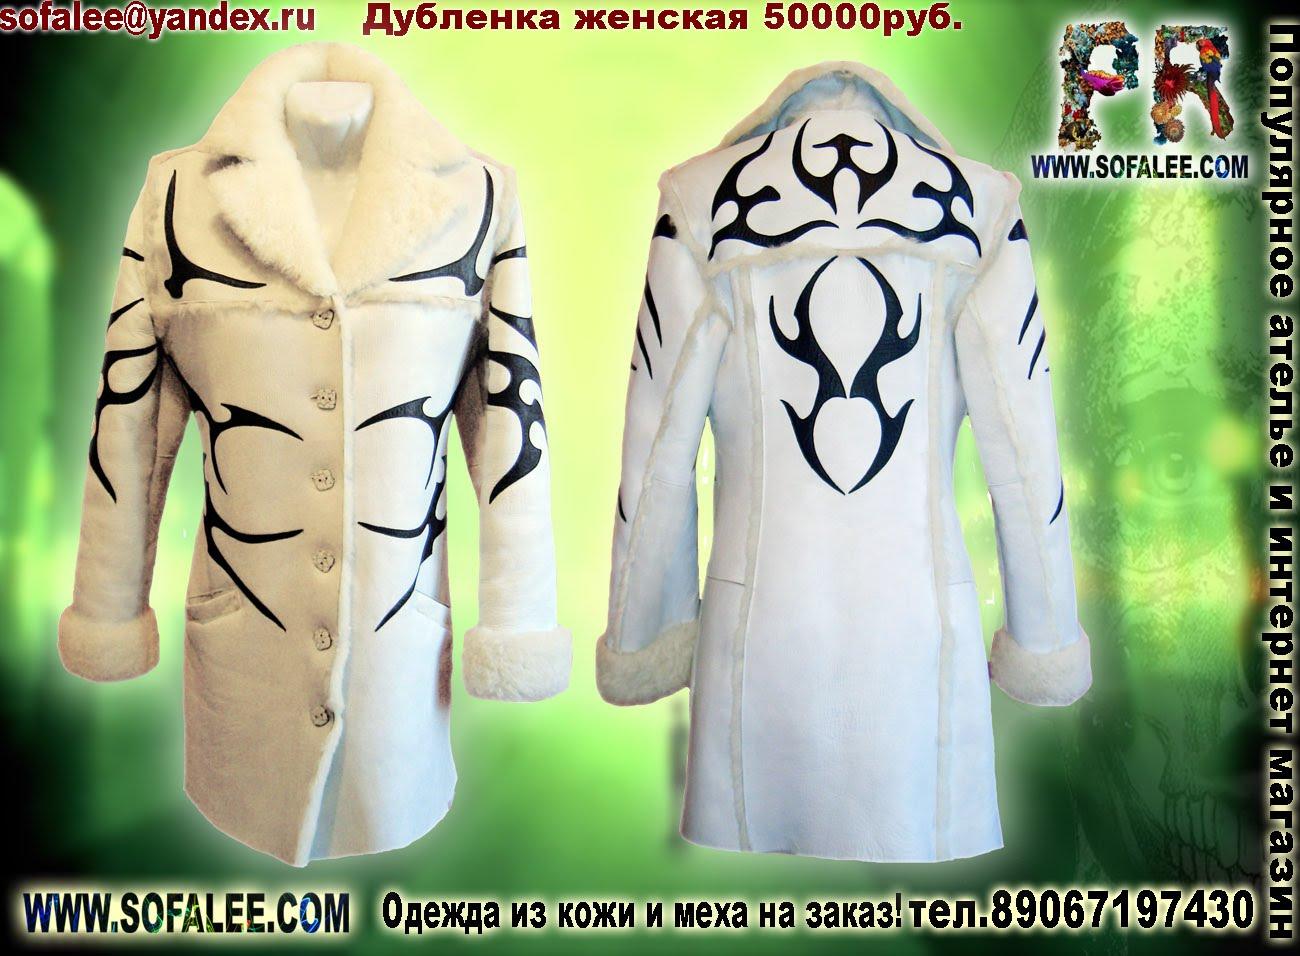 Женская модная белая дубленка из натуральной овчины